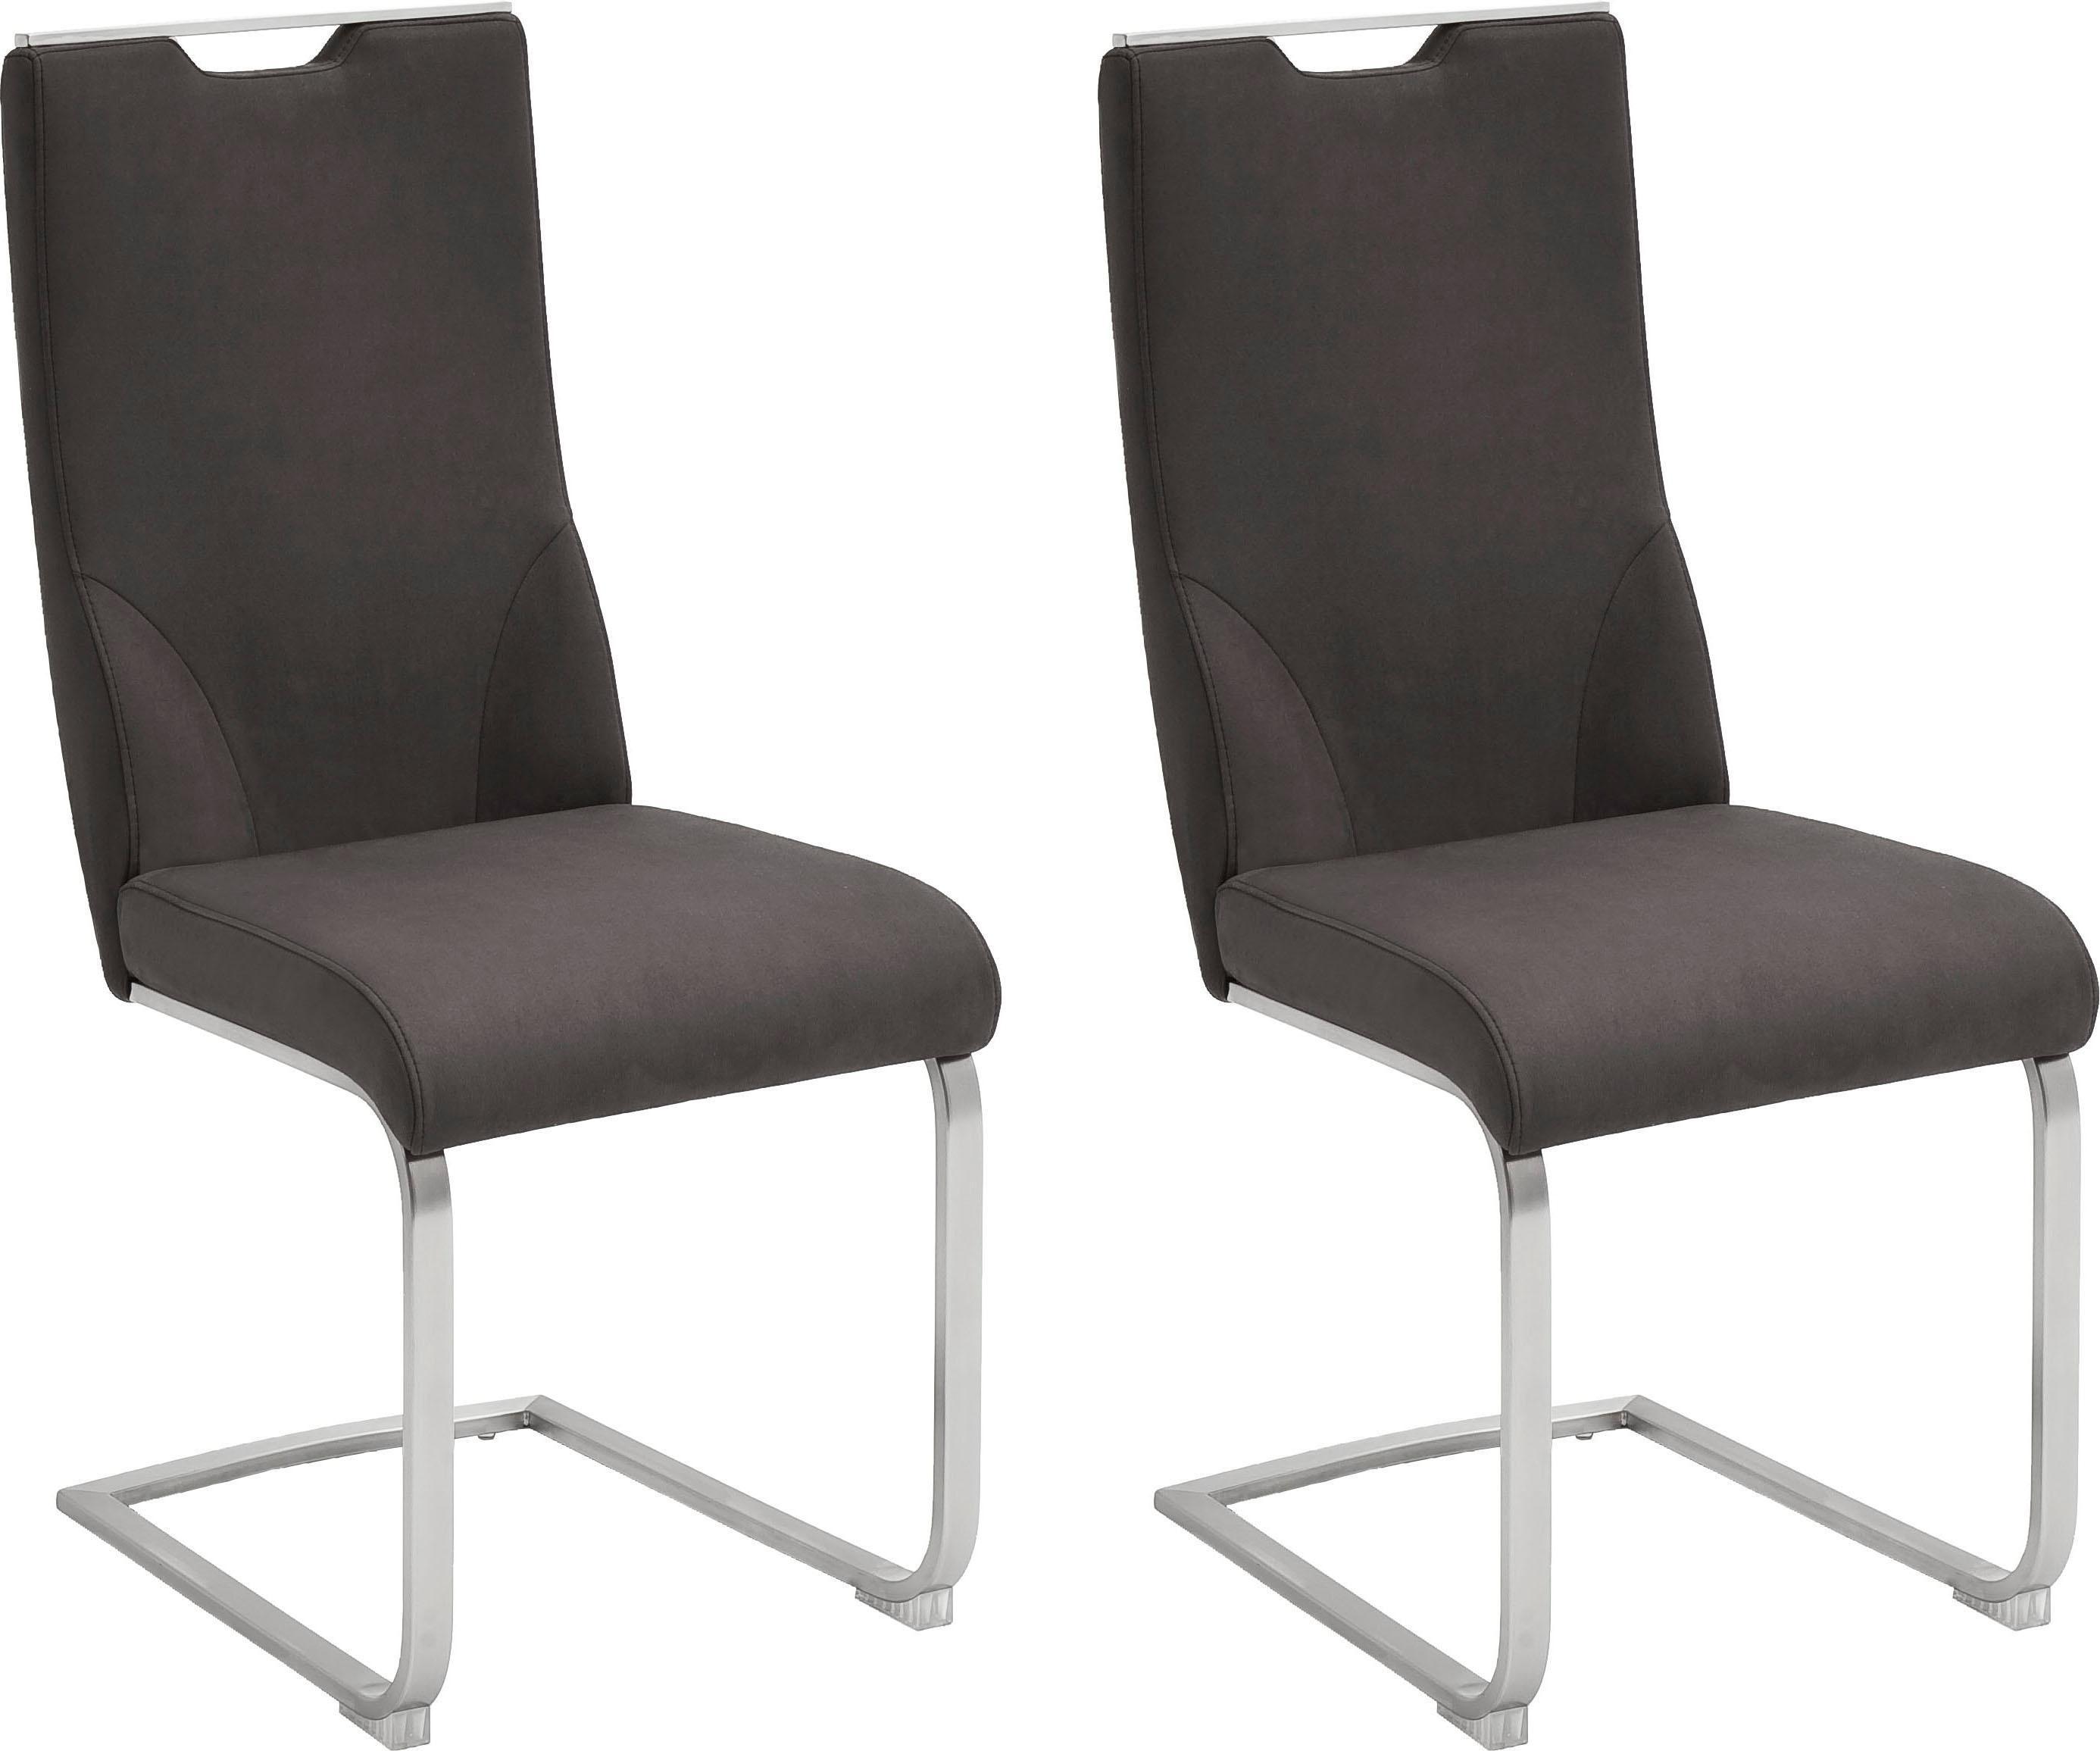 MCA furniture Freischwinger GIULIA C   Küche und Esszimmer > Stühle und Hocker > Freischwinger   Mca Furniture